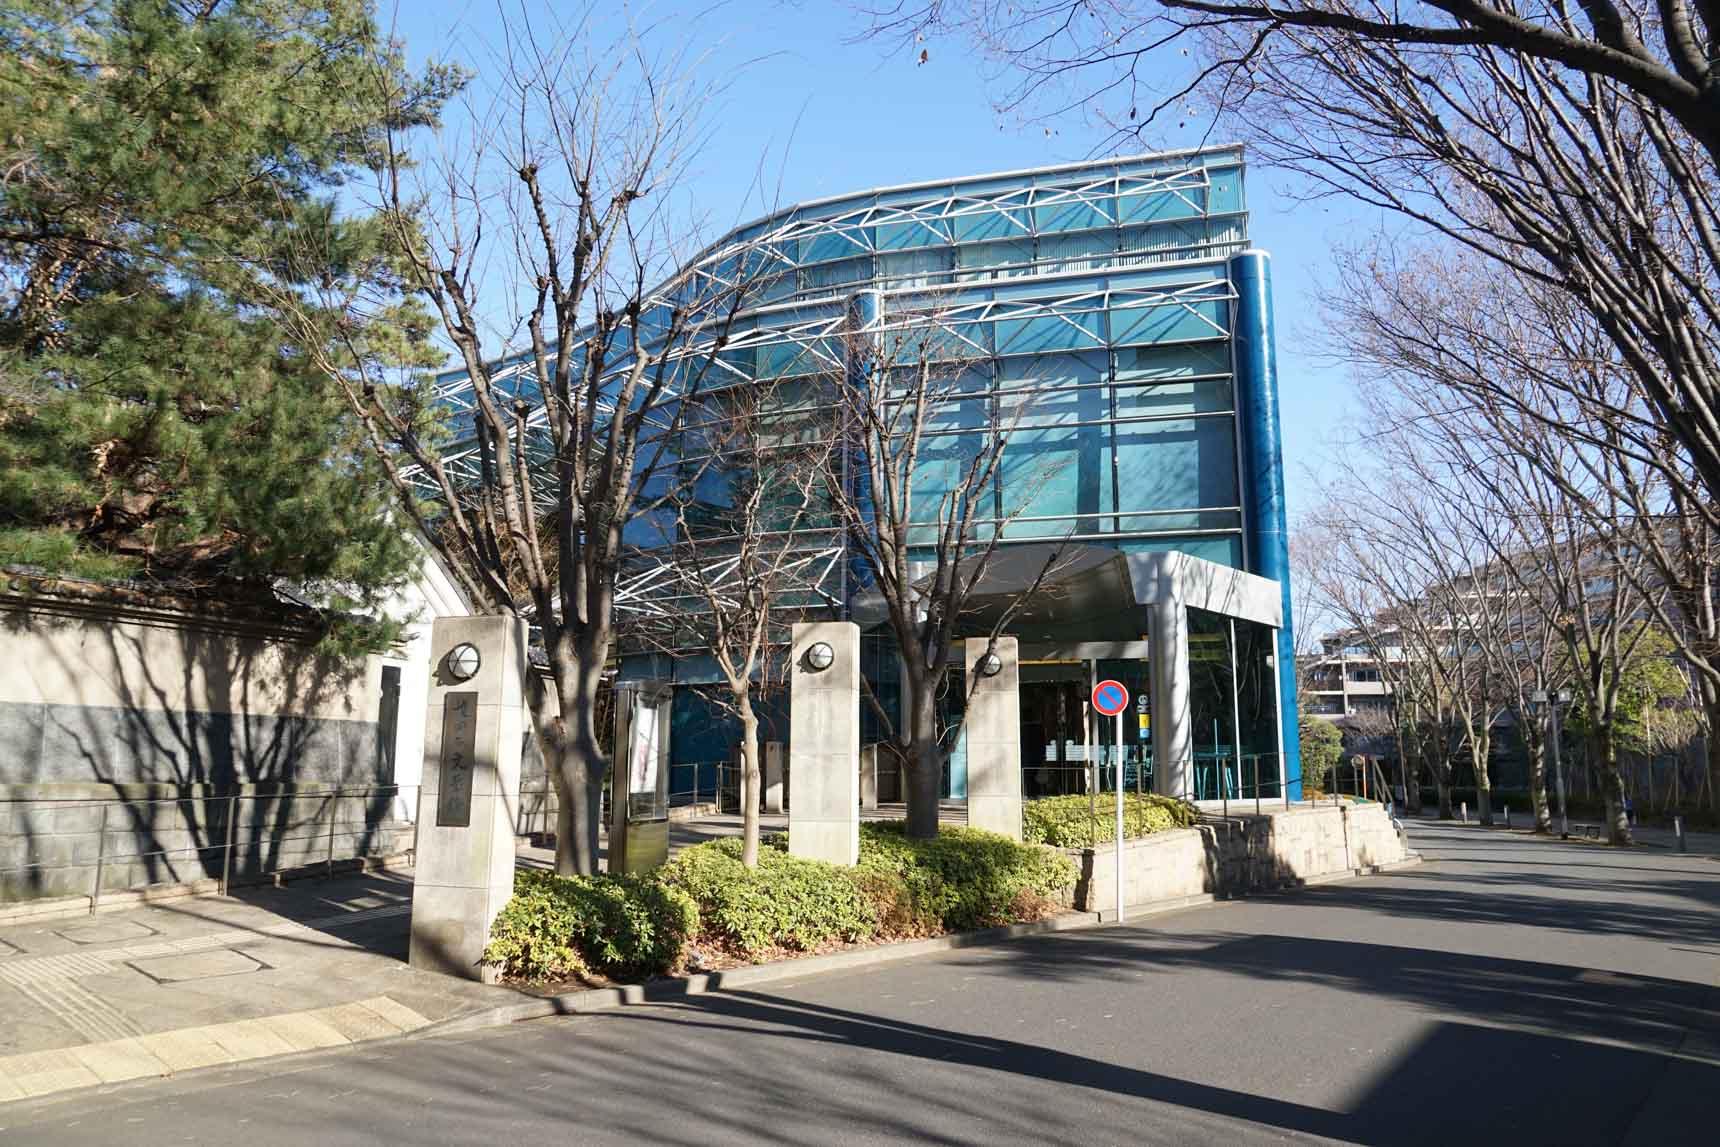 駅から公園に向かう途中には「世田谷文学館」も。区にゆかりのある作家の原稿・初版本などを展示するコレクション展のほか、朗読会や、お子さん向けのワークショップなども開かれる文化的な施設です。